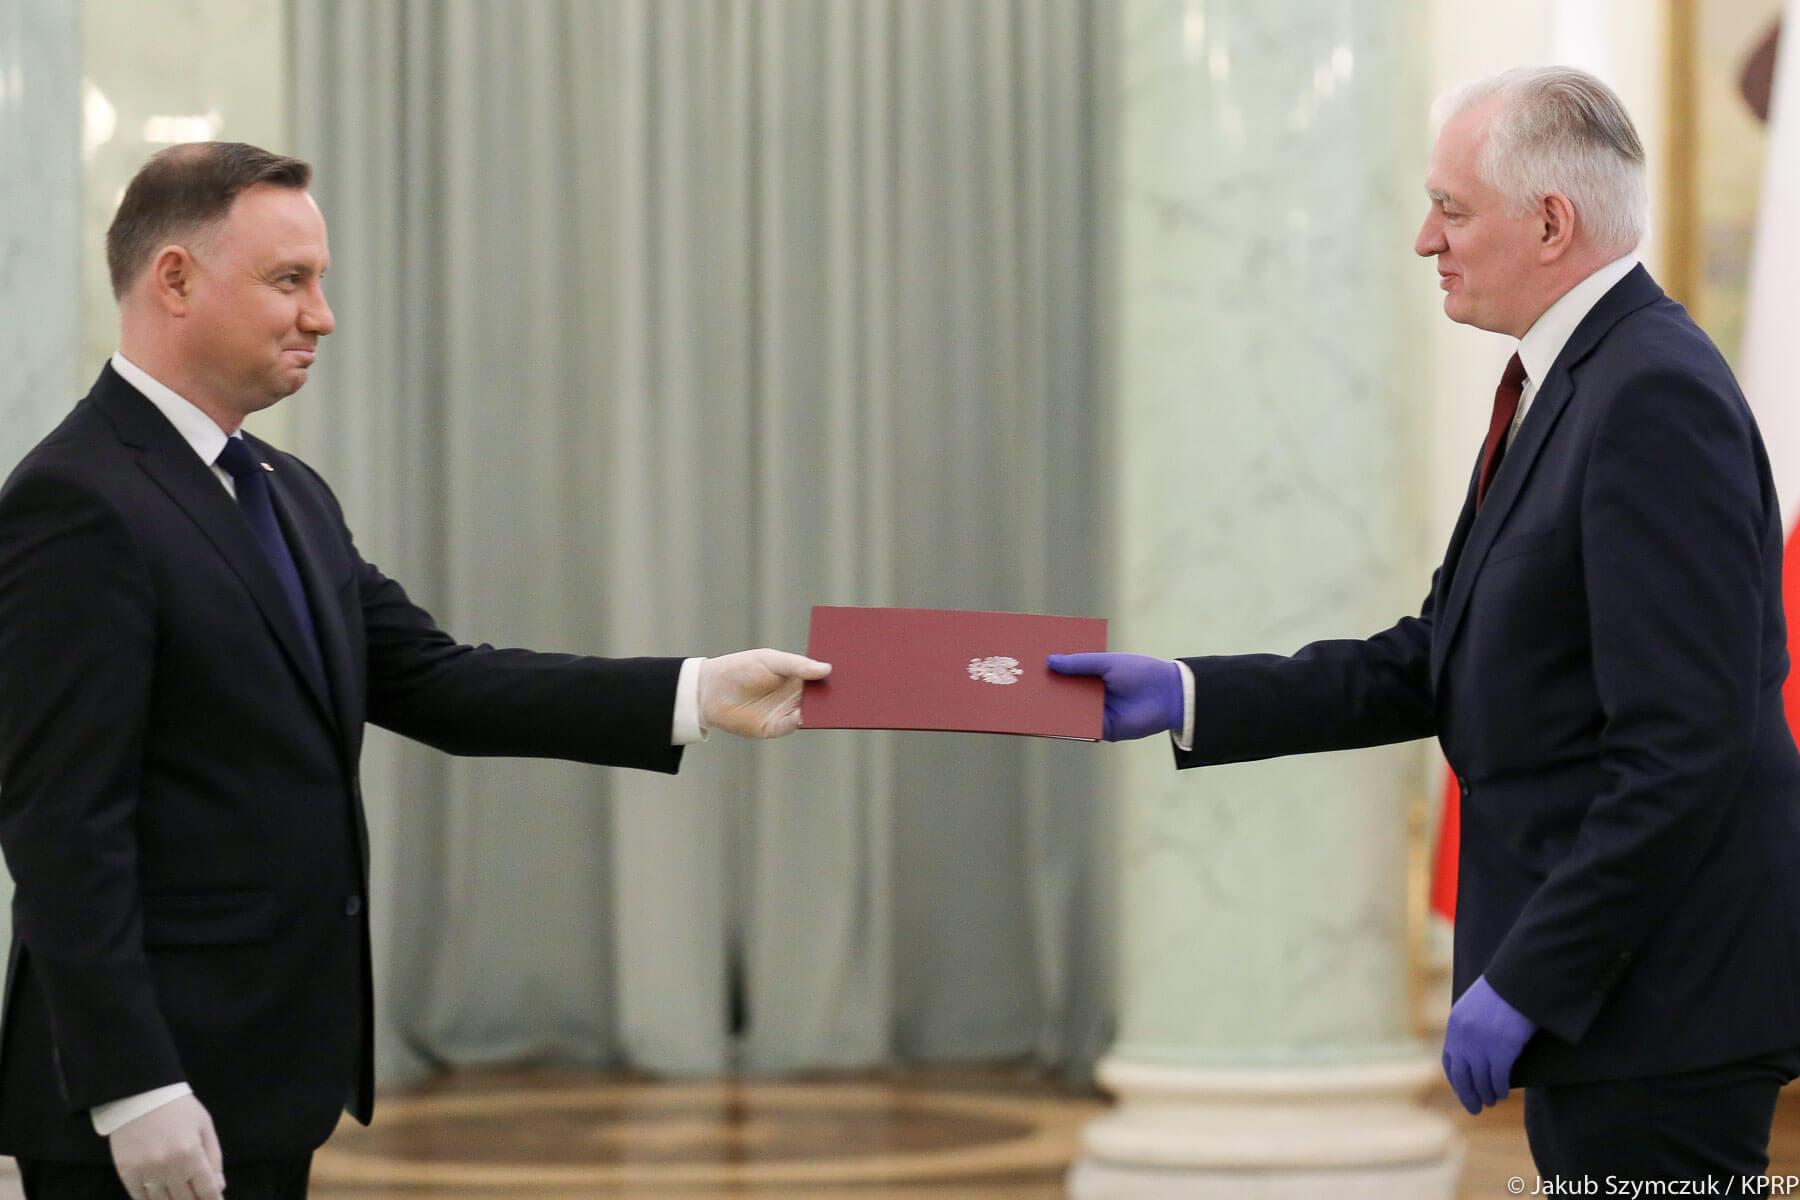 Prezydent Andrzej Duda odwołuje Jarosława Gowina z urzędów wiceprezesa Rady Ministrów oraz ministra nauki i szkolnictwa wyższego